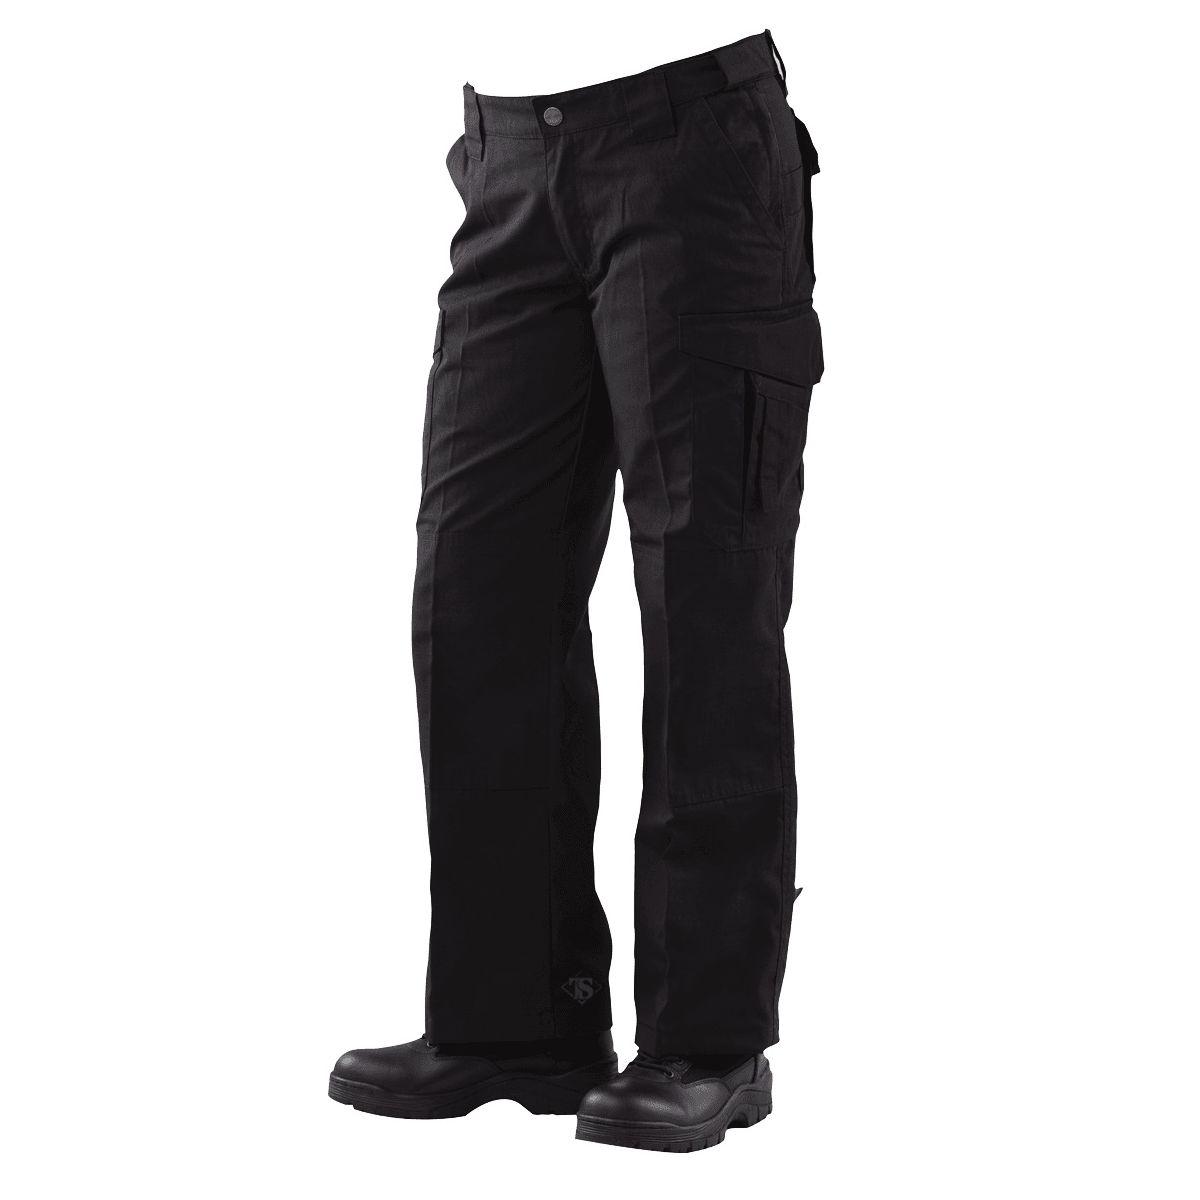 Kalhoty 24-7 dámské EMS rip-stop ÈERNÉ - zvìtšit obrázek